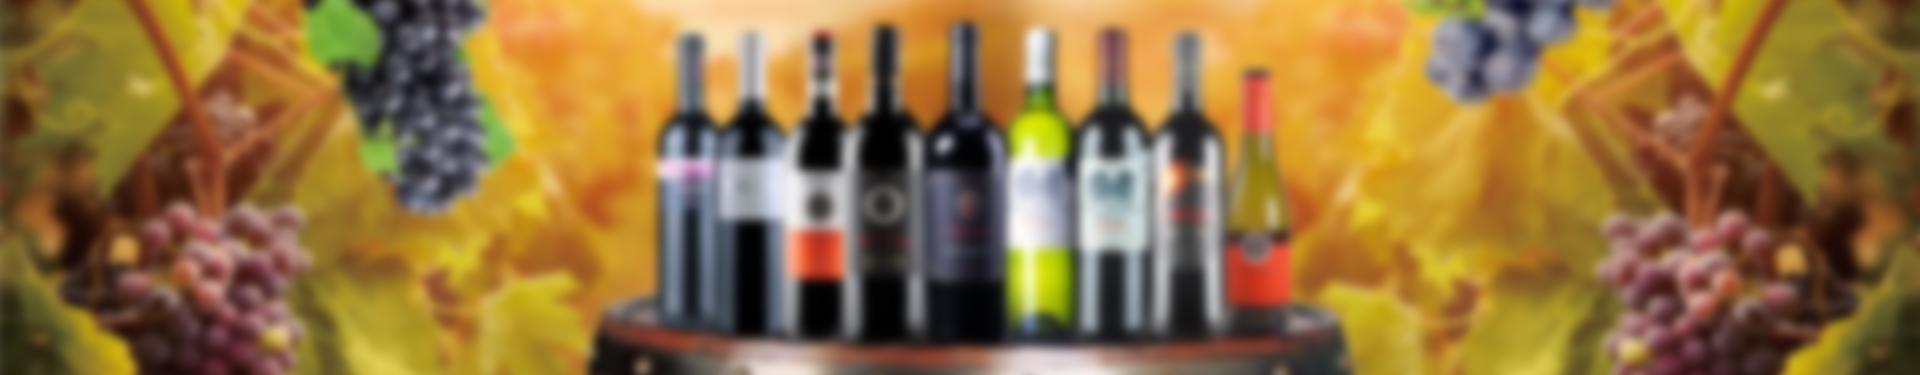 深圳欧其诺酒业有限企业海报图